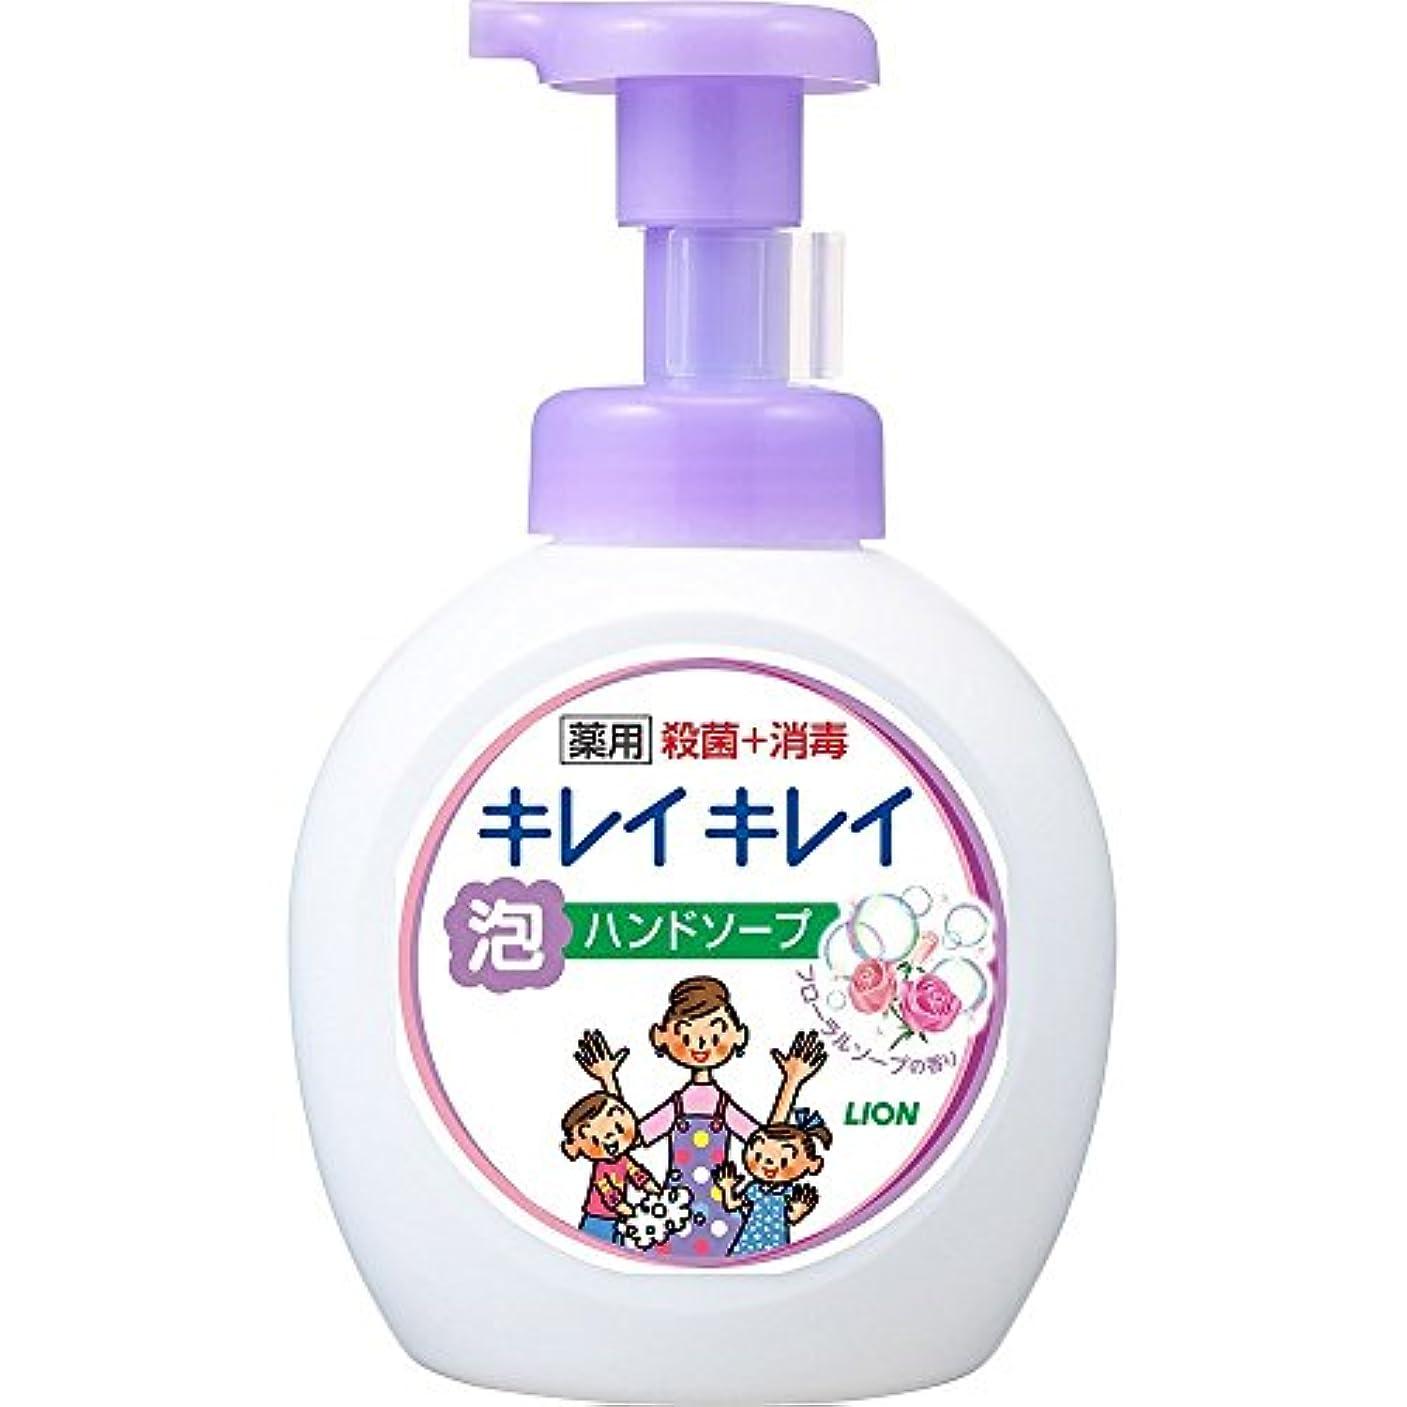 ボトル免除栄光キレイキレイ 薬用 泡ハンドソープ フローラルソープの香り 本体ポンプ 大型サイズ 500ml(医薬部外品)